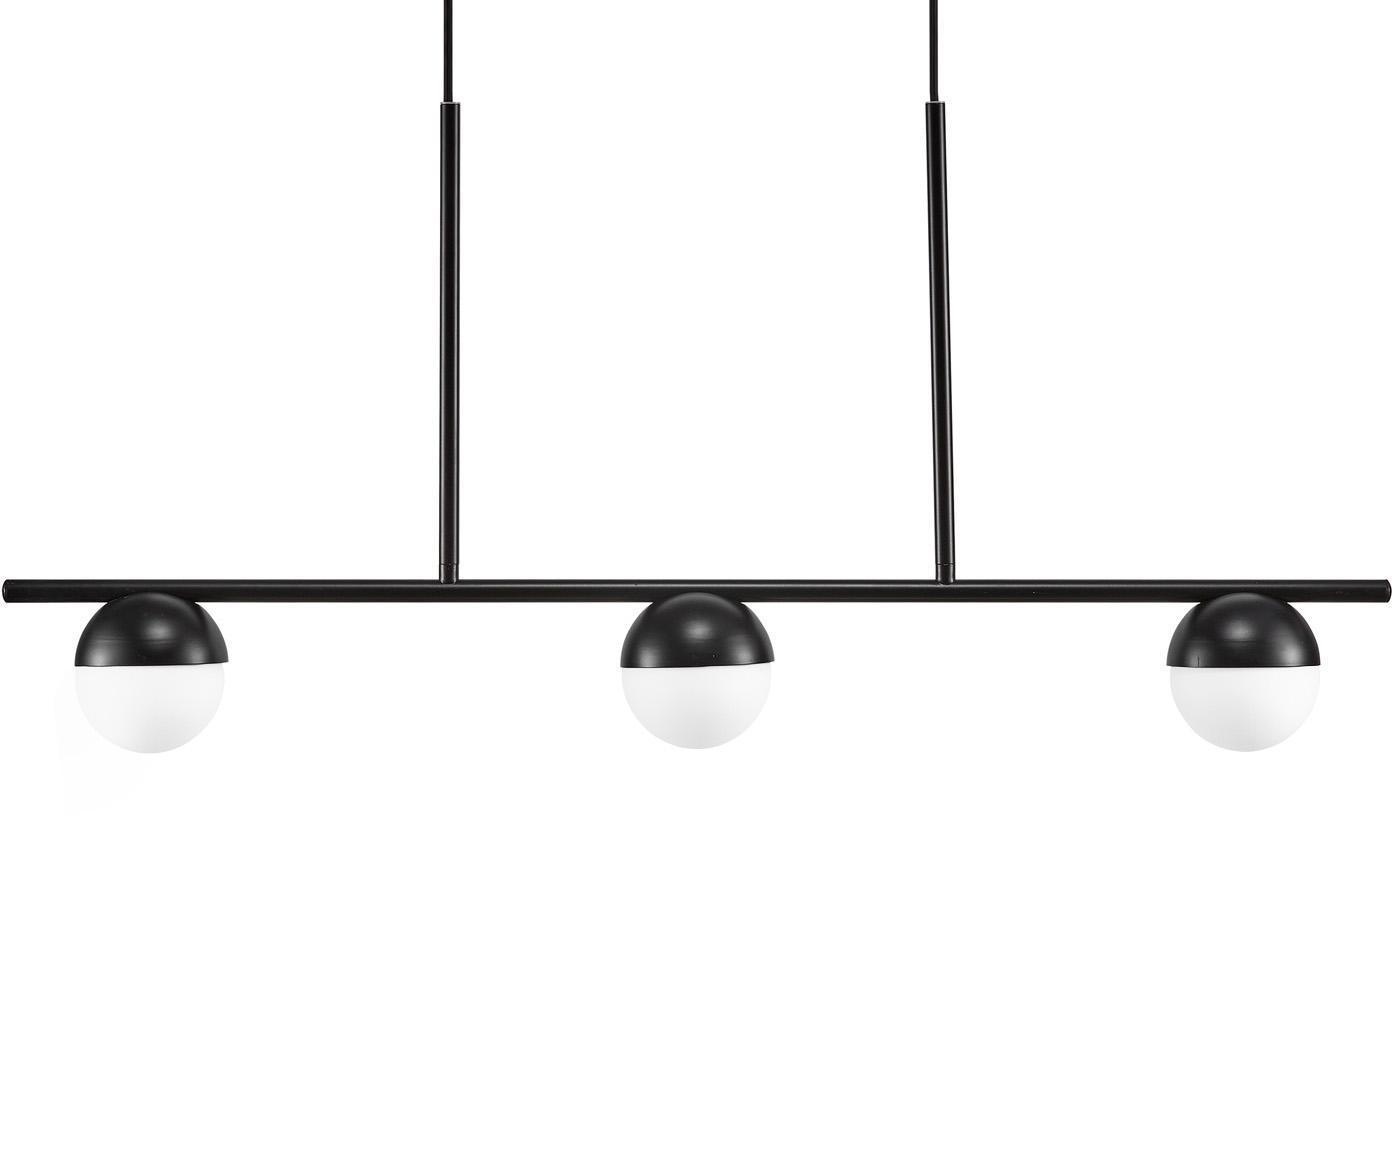 Lámpara de techo grande Contina, Pantalla: vidrio, Estructura: metal recubierto, Anclaje: metal recubierto, Cable: cubierto en tela, Blanco, negro, L 90 x Al 242 cm